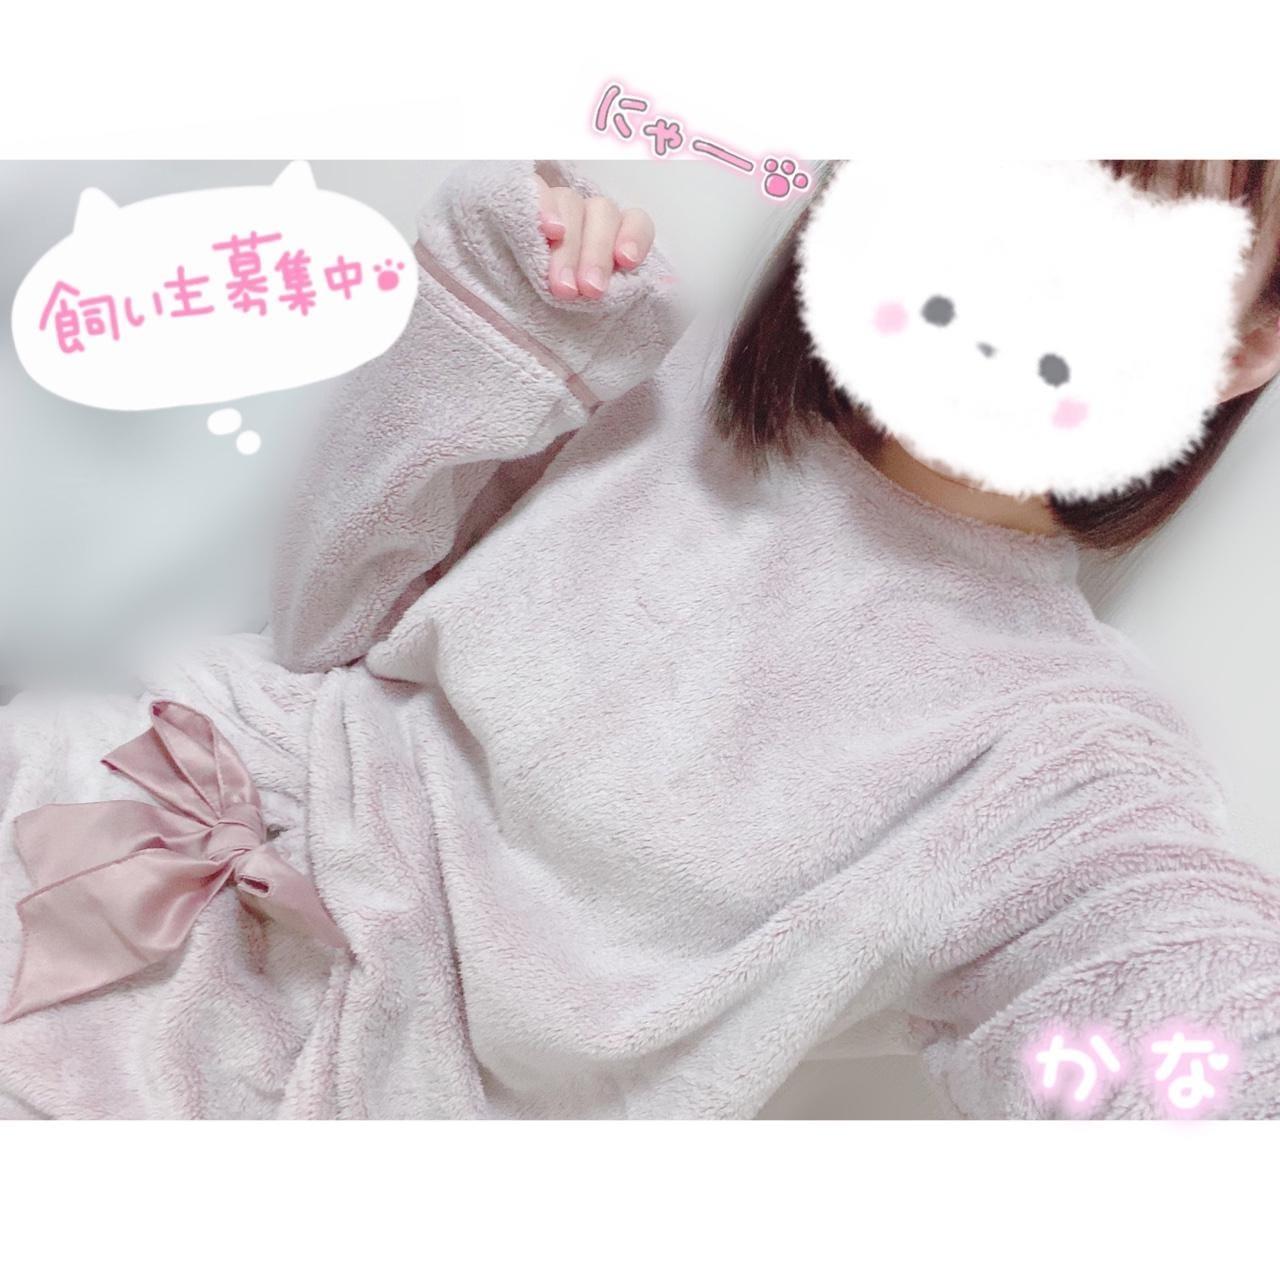 「近々...」10/19(10/19) 22:00 | かなちゃんの写メ・風俗動画